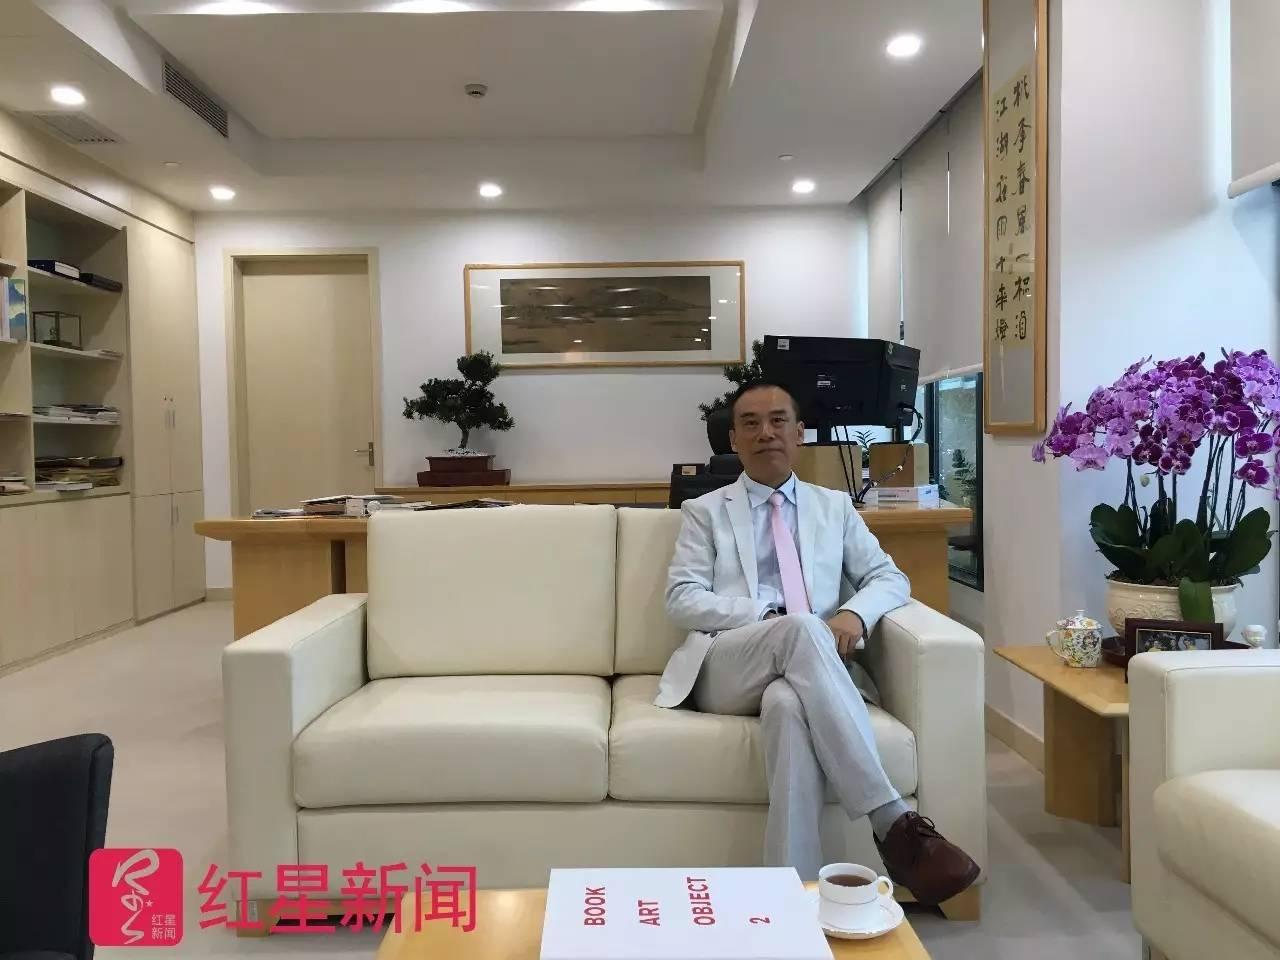 专访港中大深圳校区校长徐扬生:不满意老师上课只为工资,我这里